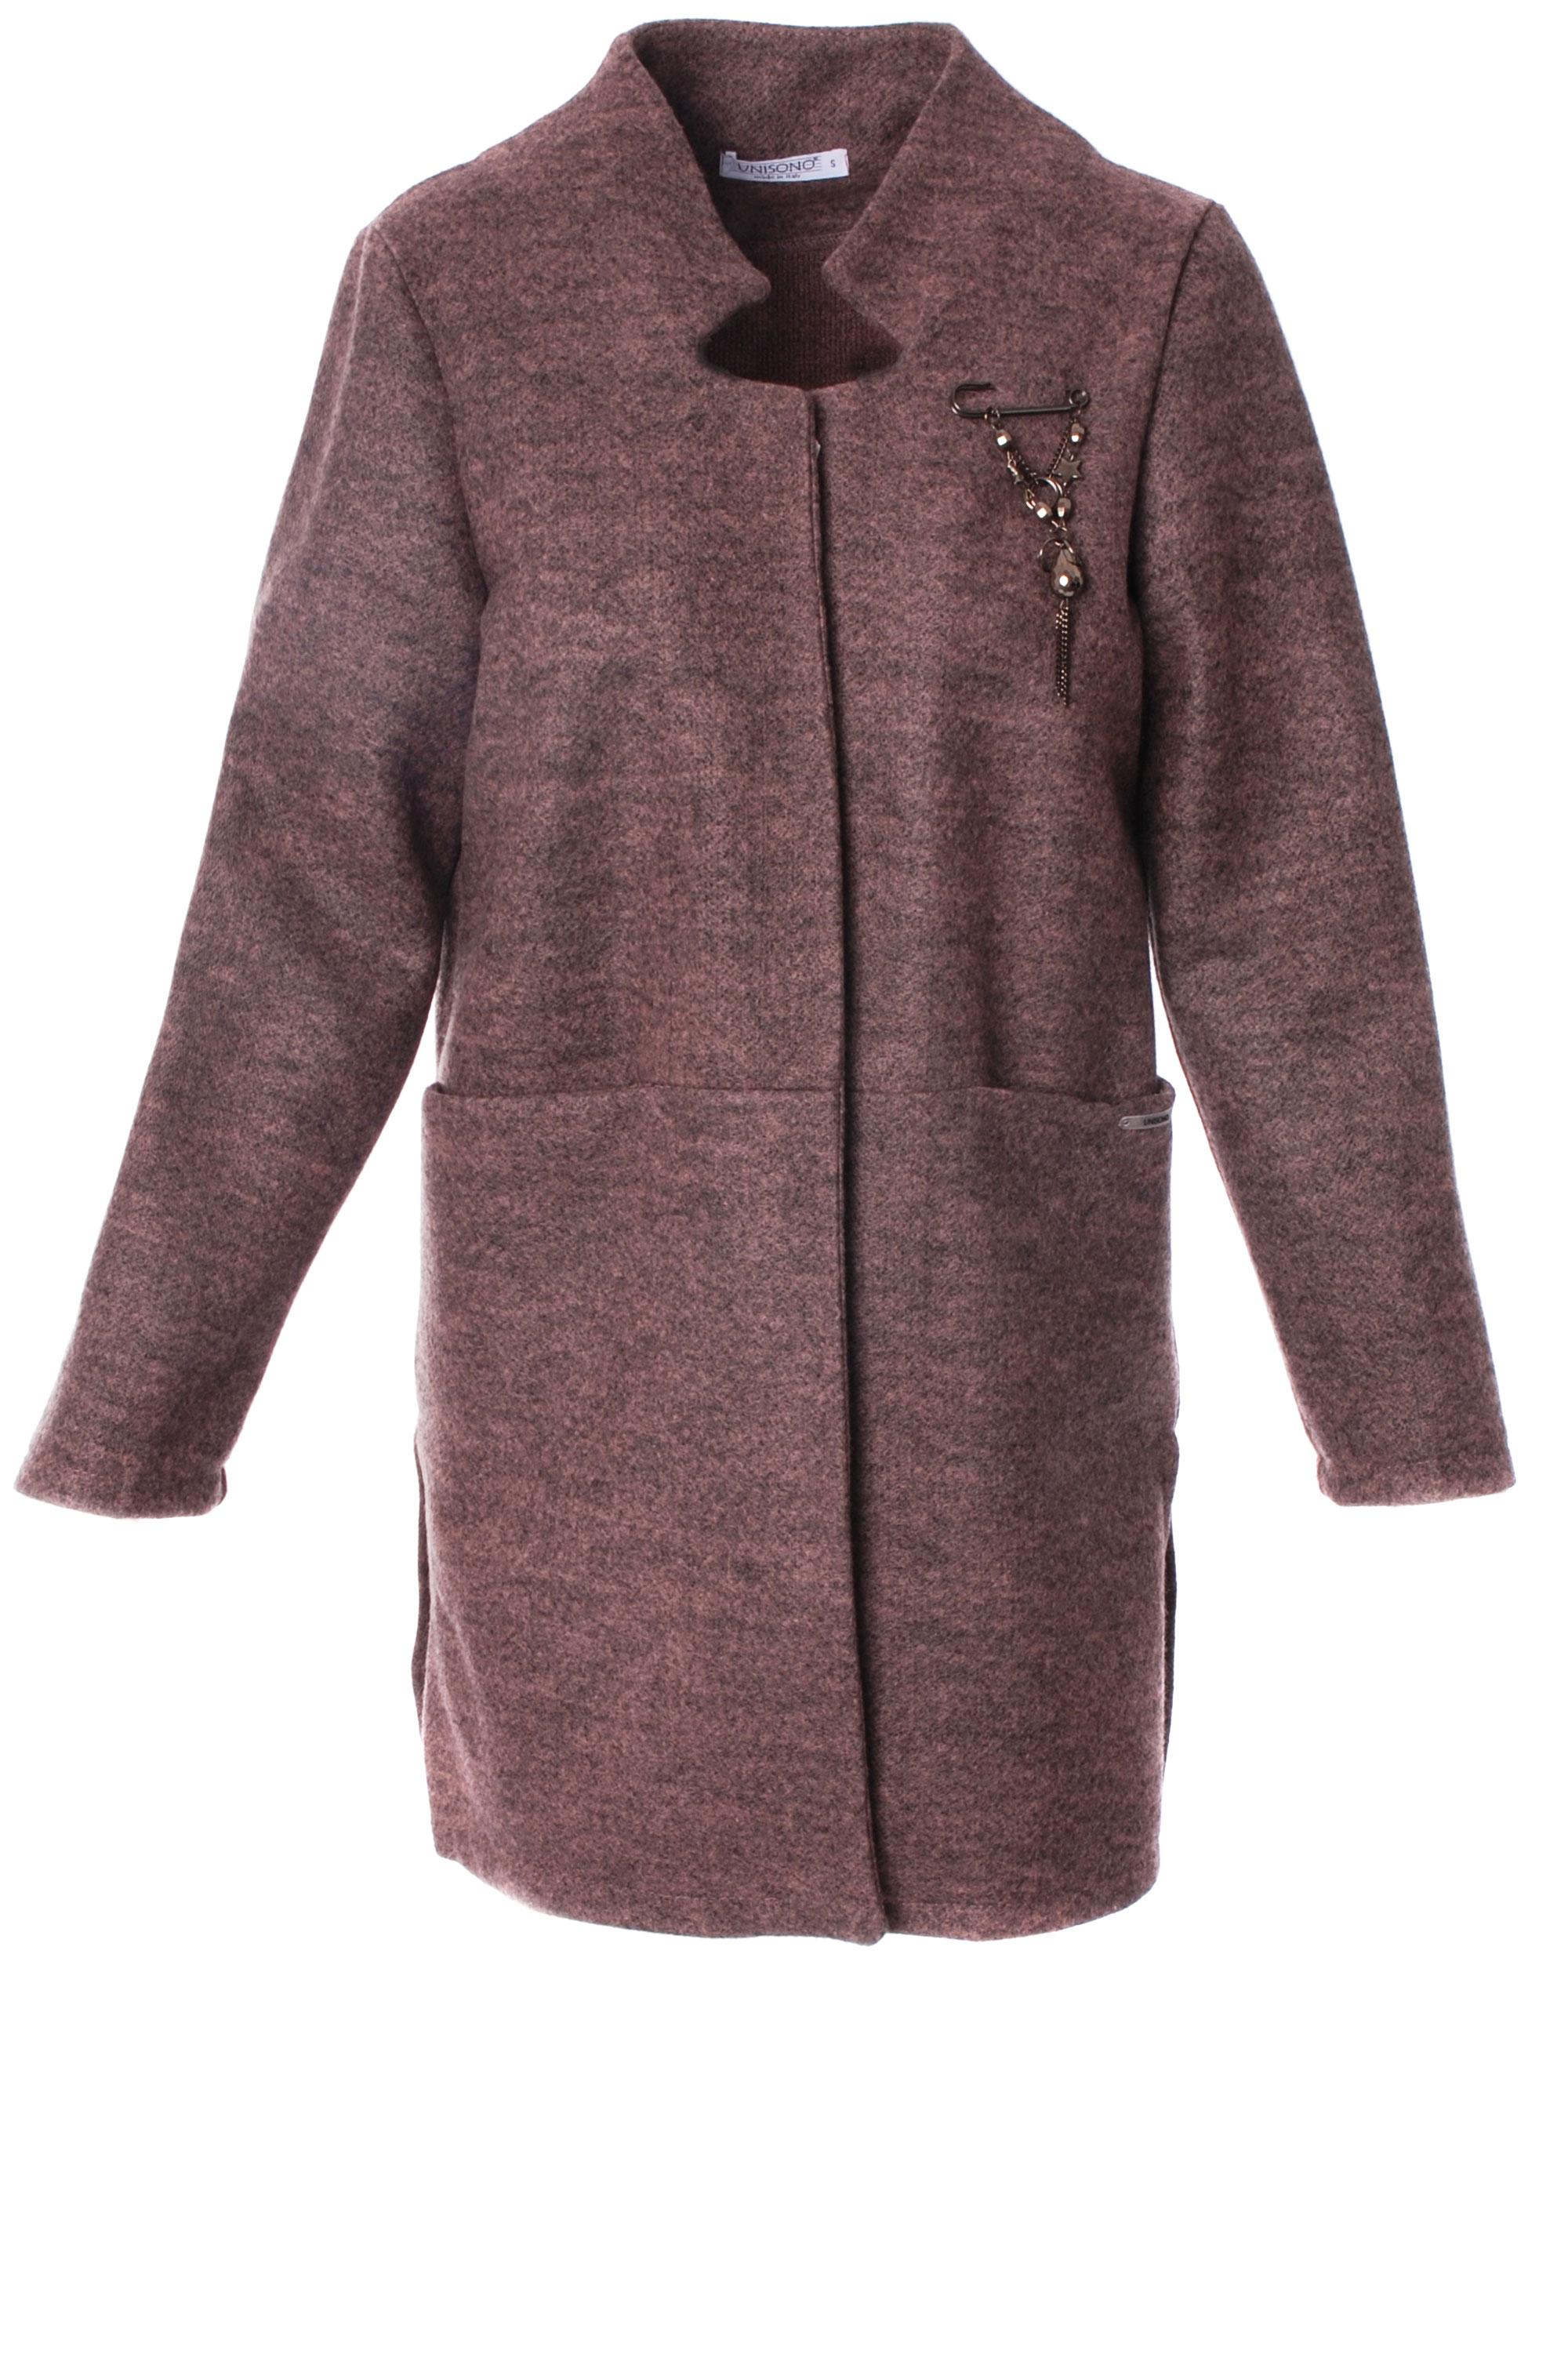 Płaszcz materiałowy - 34-3700 ROSA - Unisono